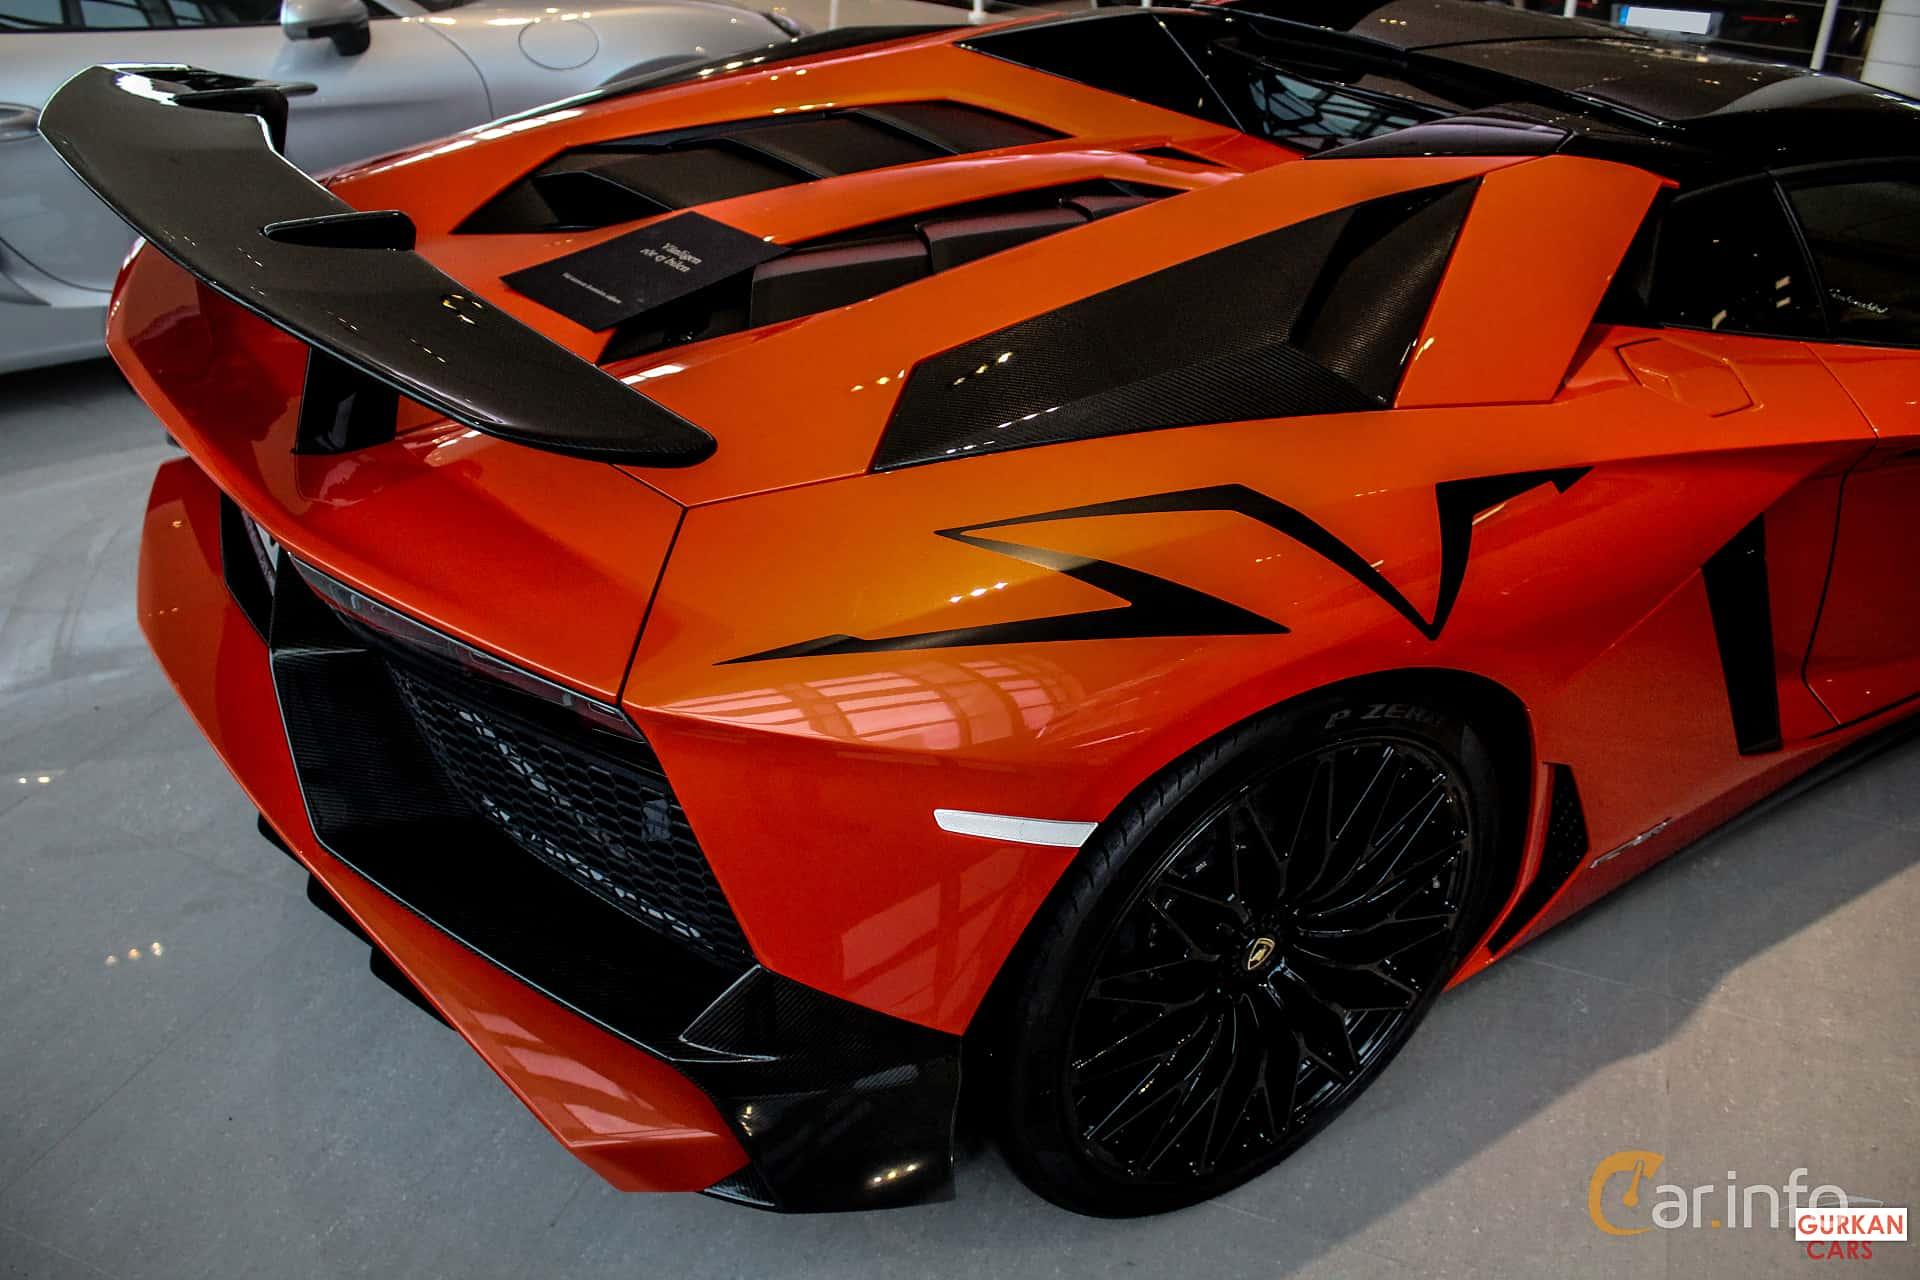 Lamborghini Aventador LP 750-4 SV 6.5 V12 ISR, 750hp, 2017